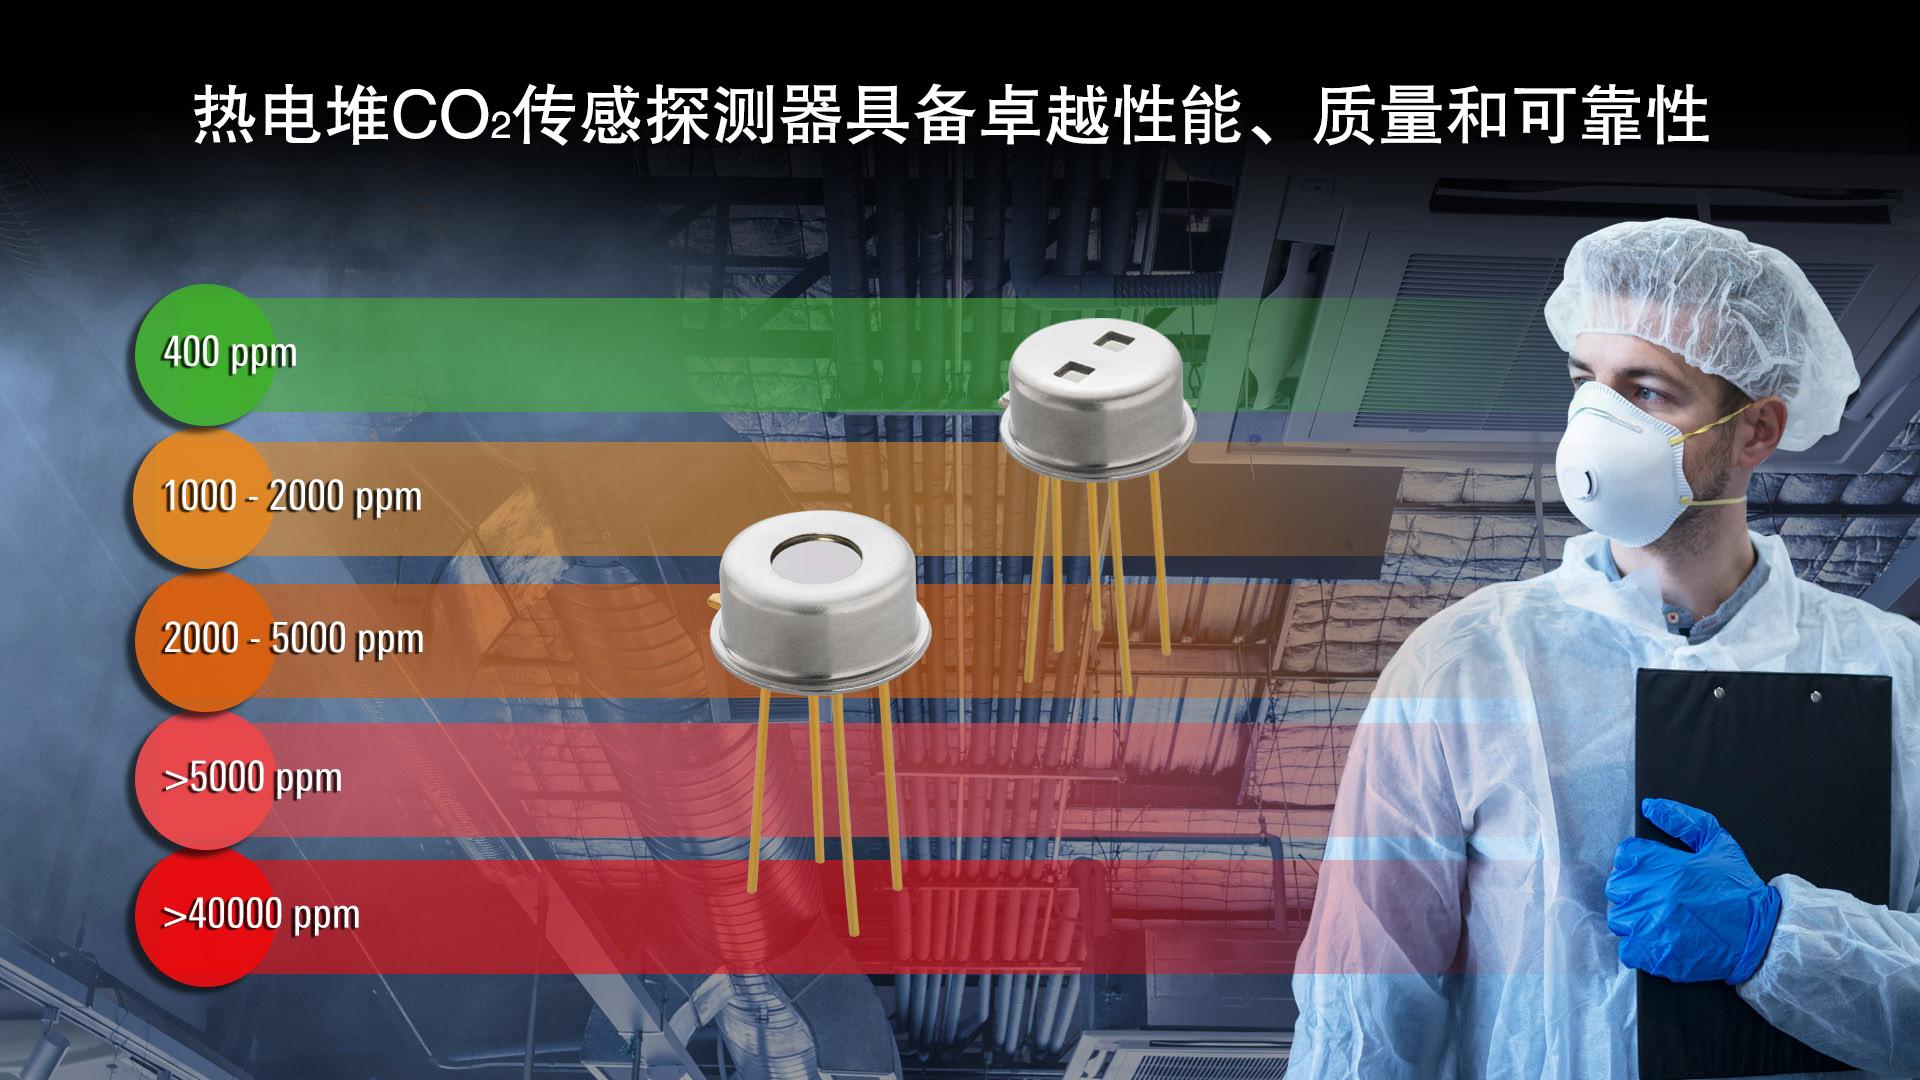 瑞萨电子推出基于热电堆的全新CO2传感探测器扩展医疗和工业环境传感产品阵容